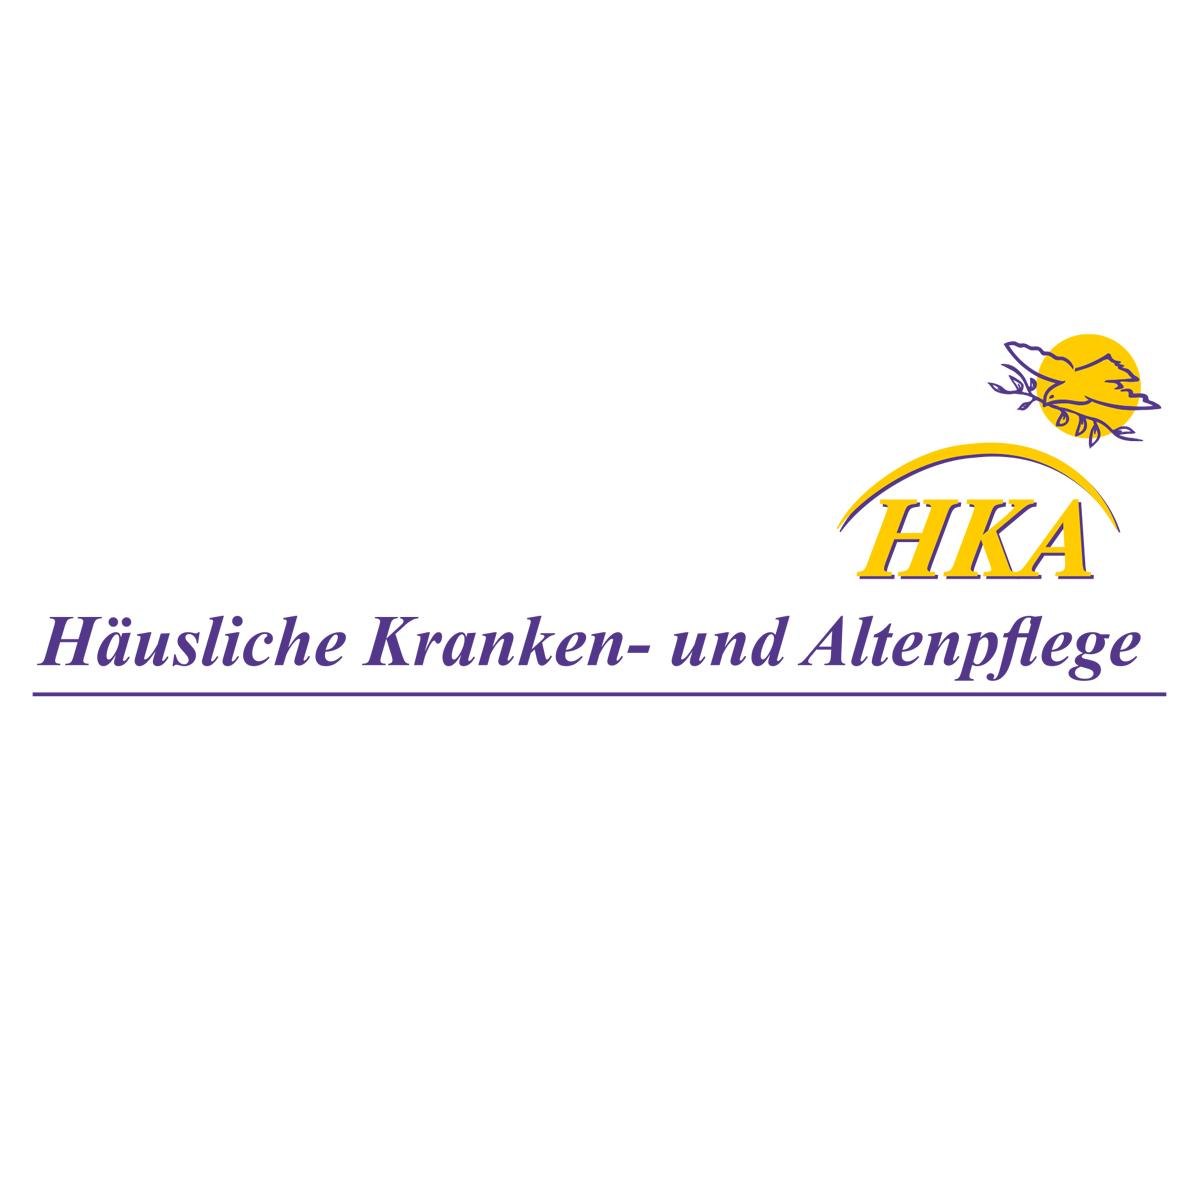 HKA Häusliche Kranken- und Altenpflege